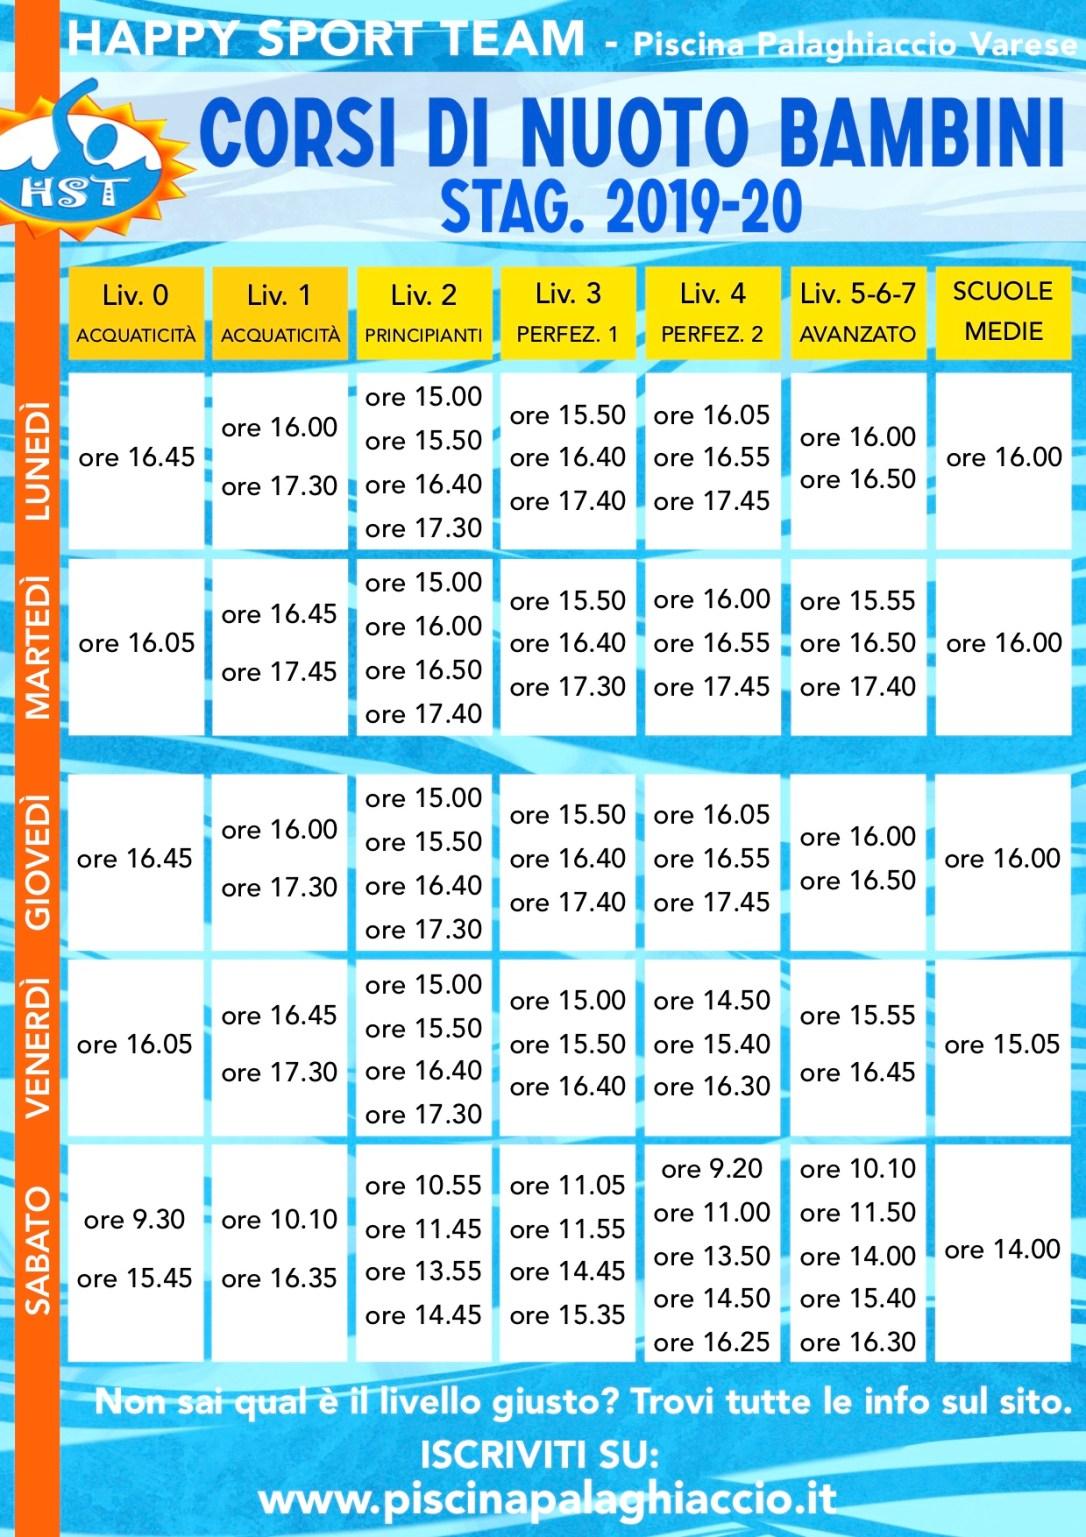 tabella corsi 2019-20 FRONTE OK